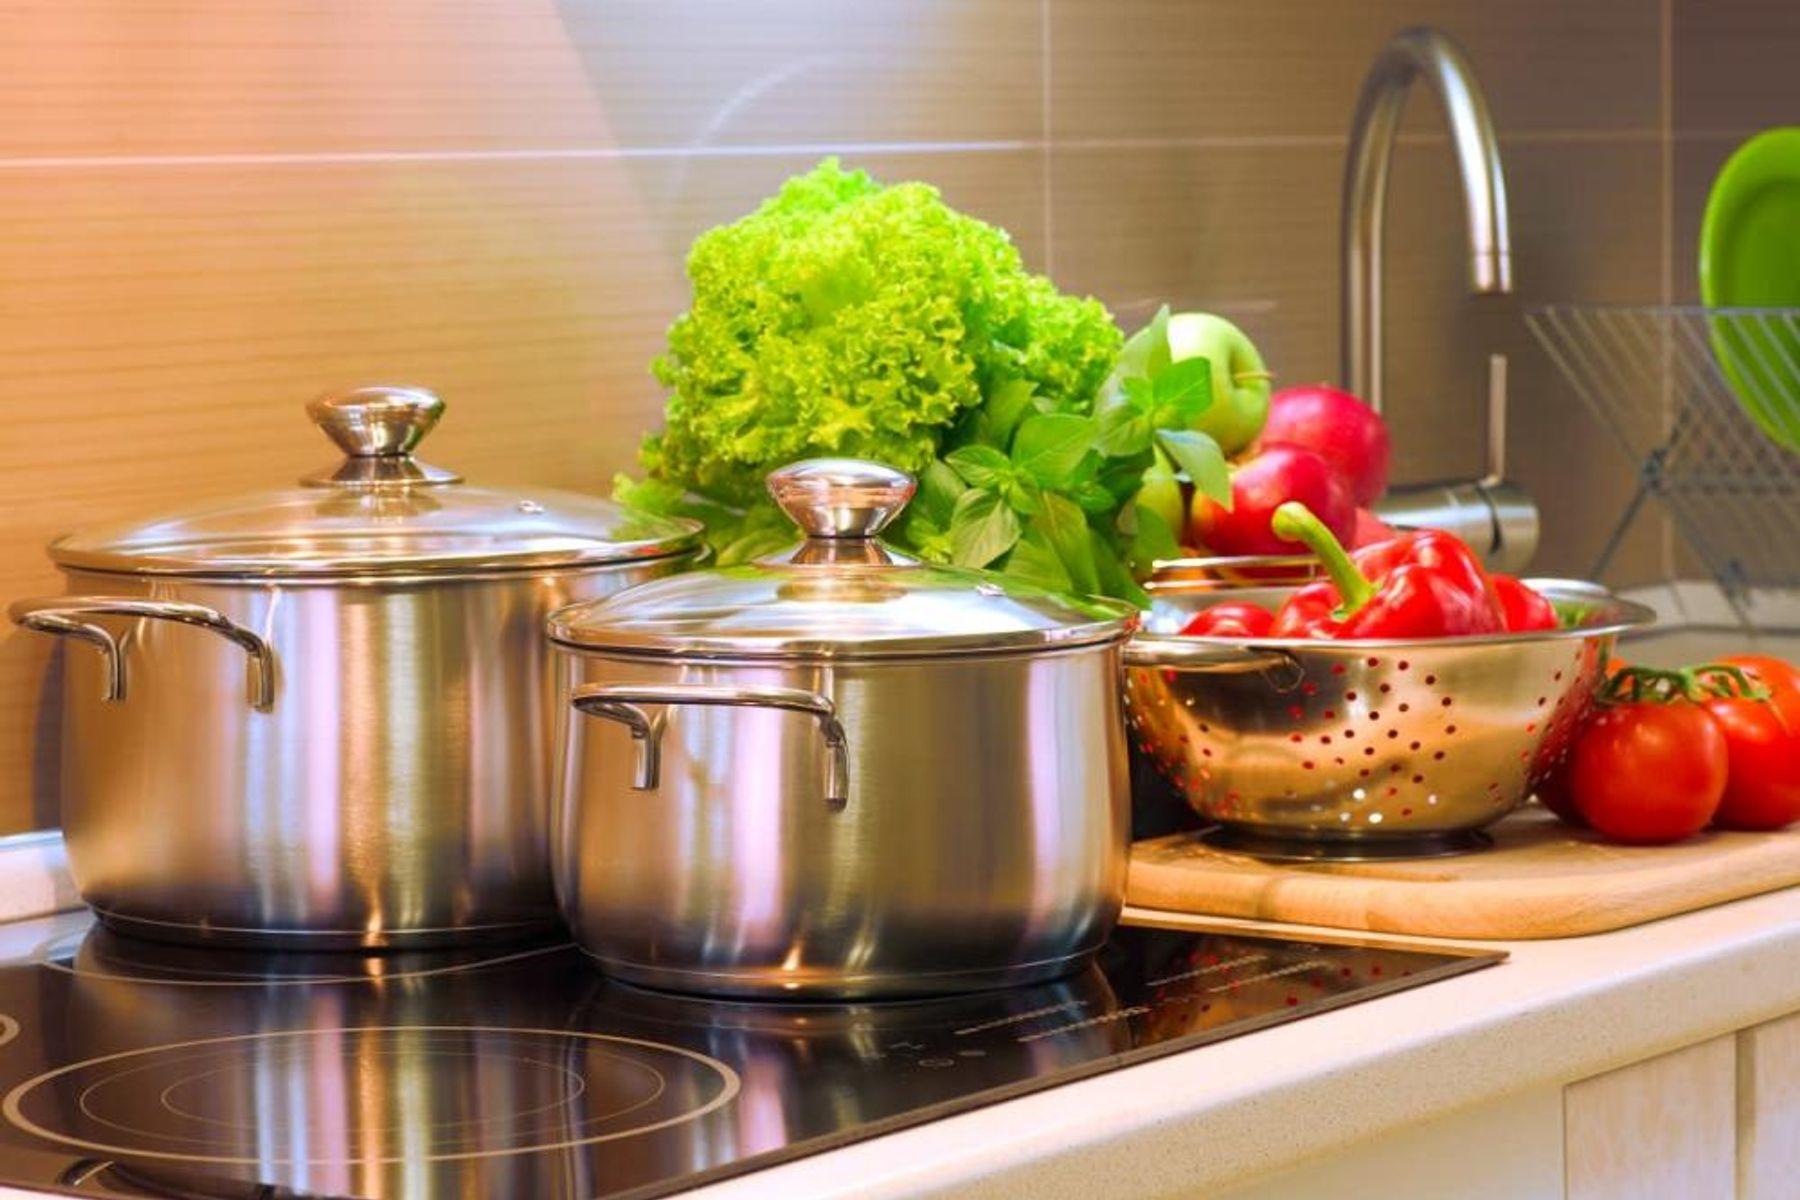 Mutfakta Çelik Tencereler ve Taze Sebzeler